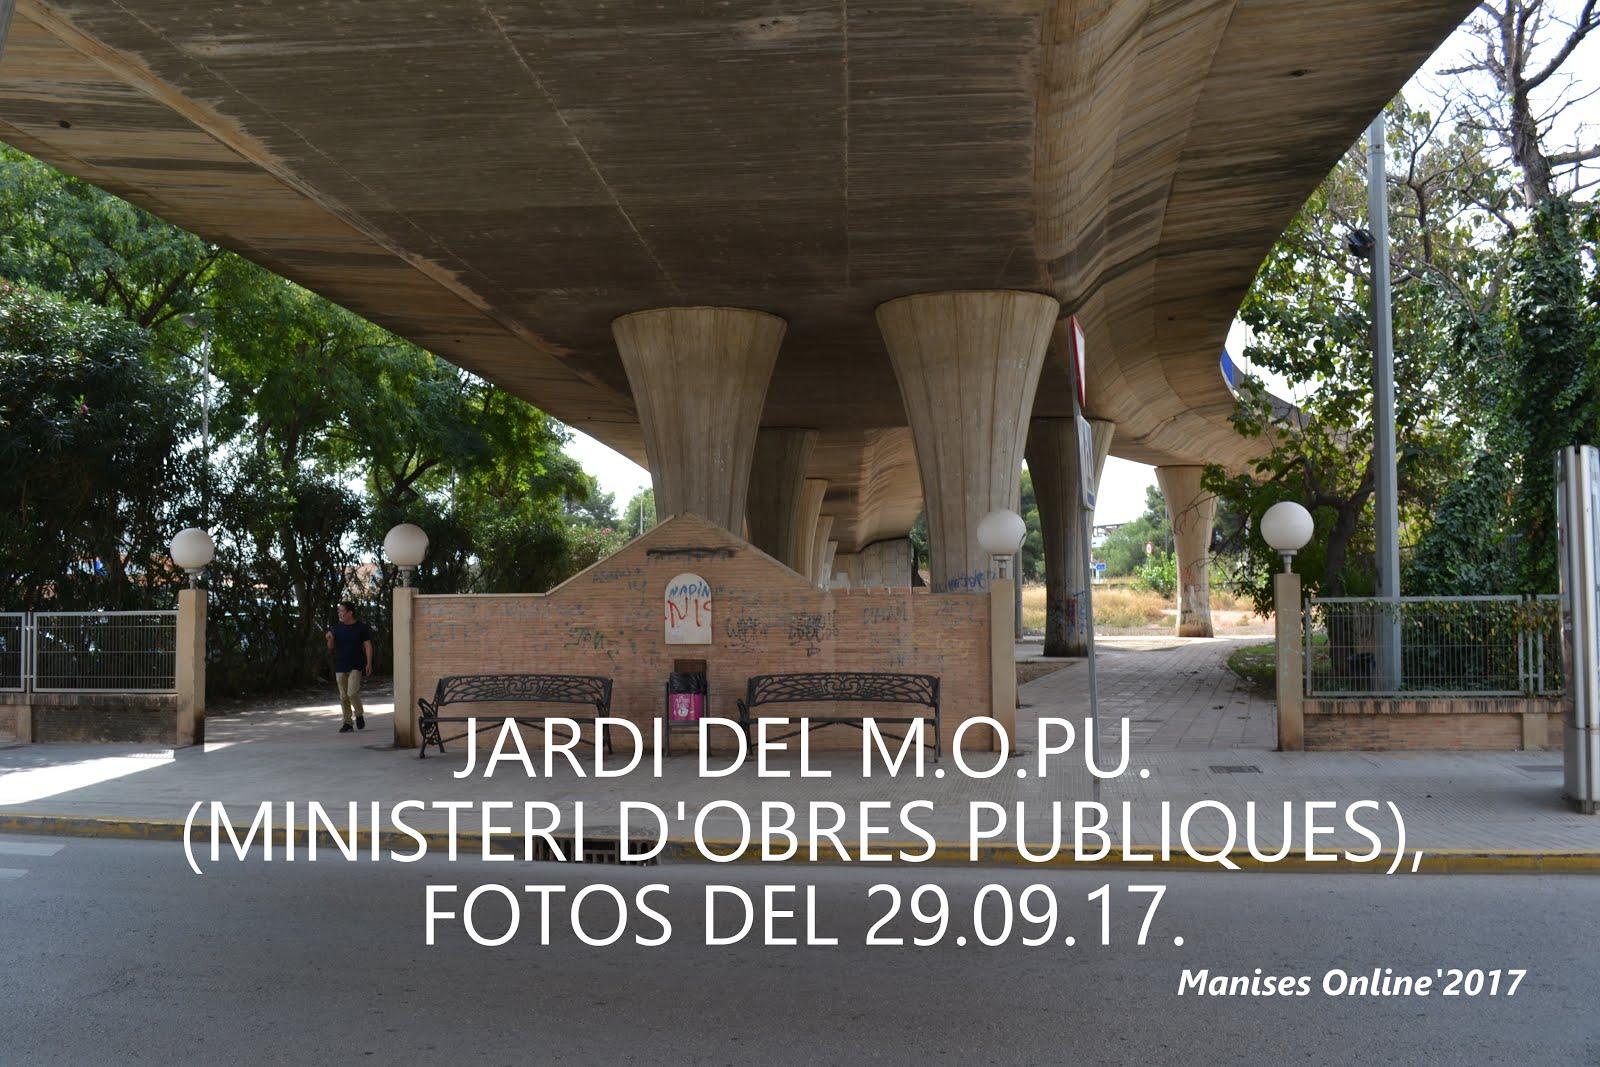 03.10.17 EL JARDÍN DEL MOPU